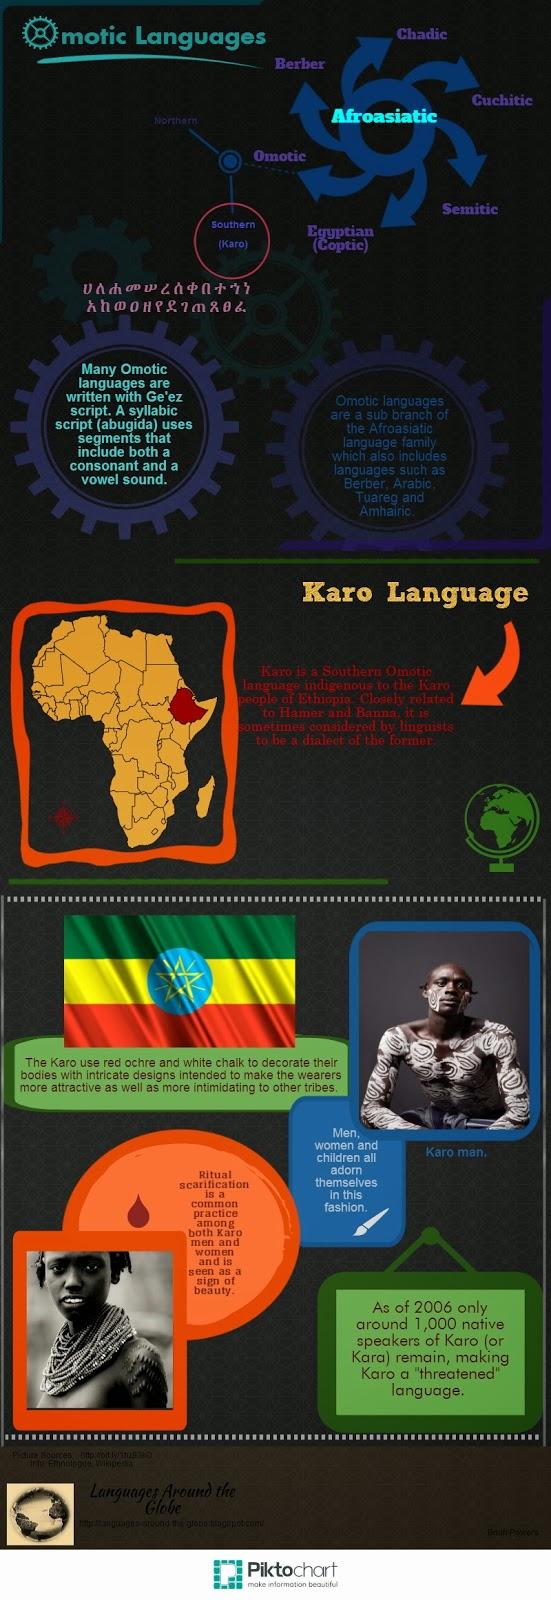 Karo Language